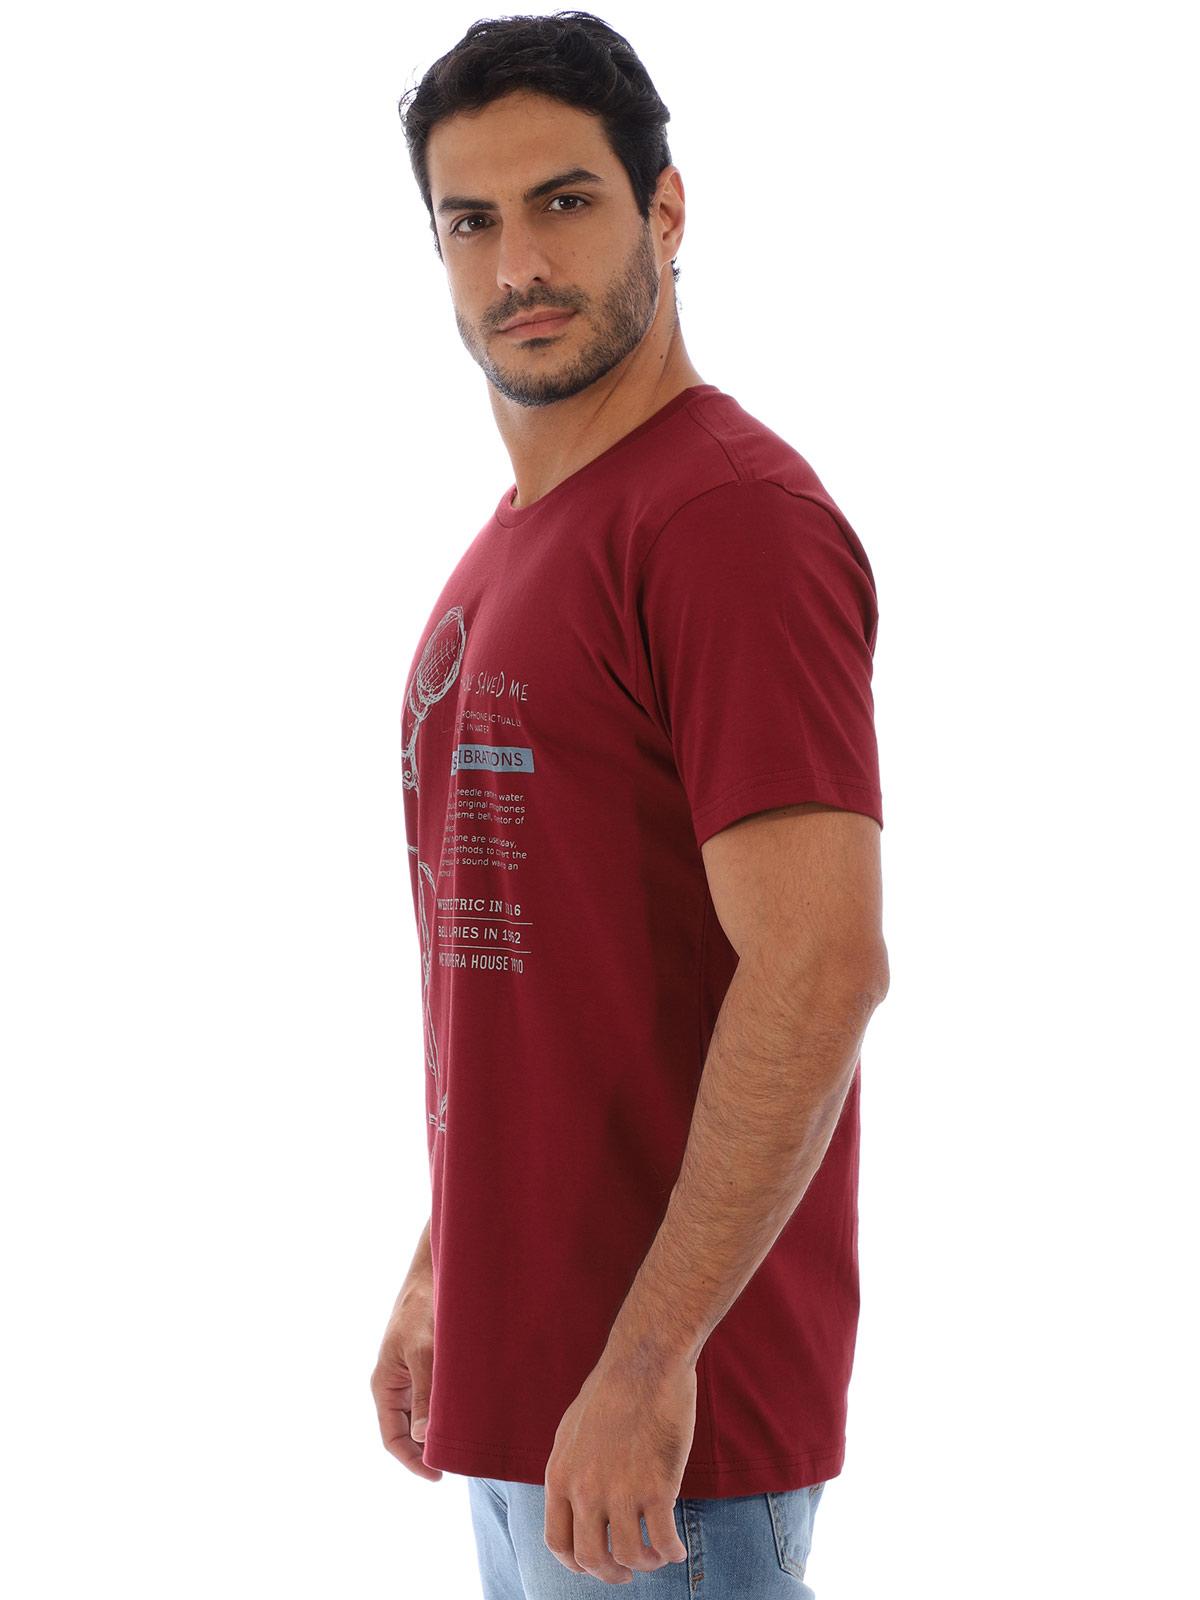 Camiseta Masculina Básica Algodão Estampa Microfone Bordo